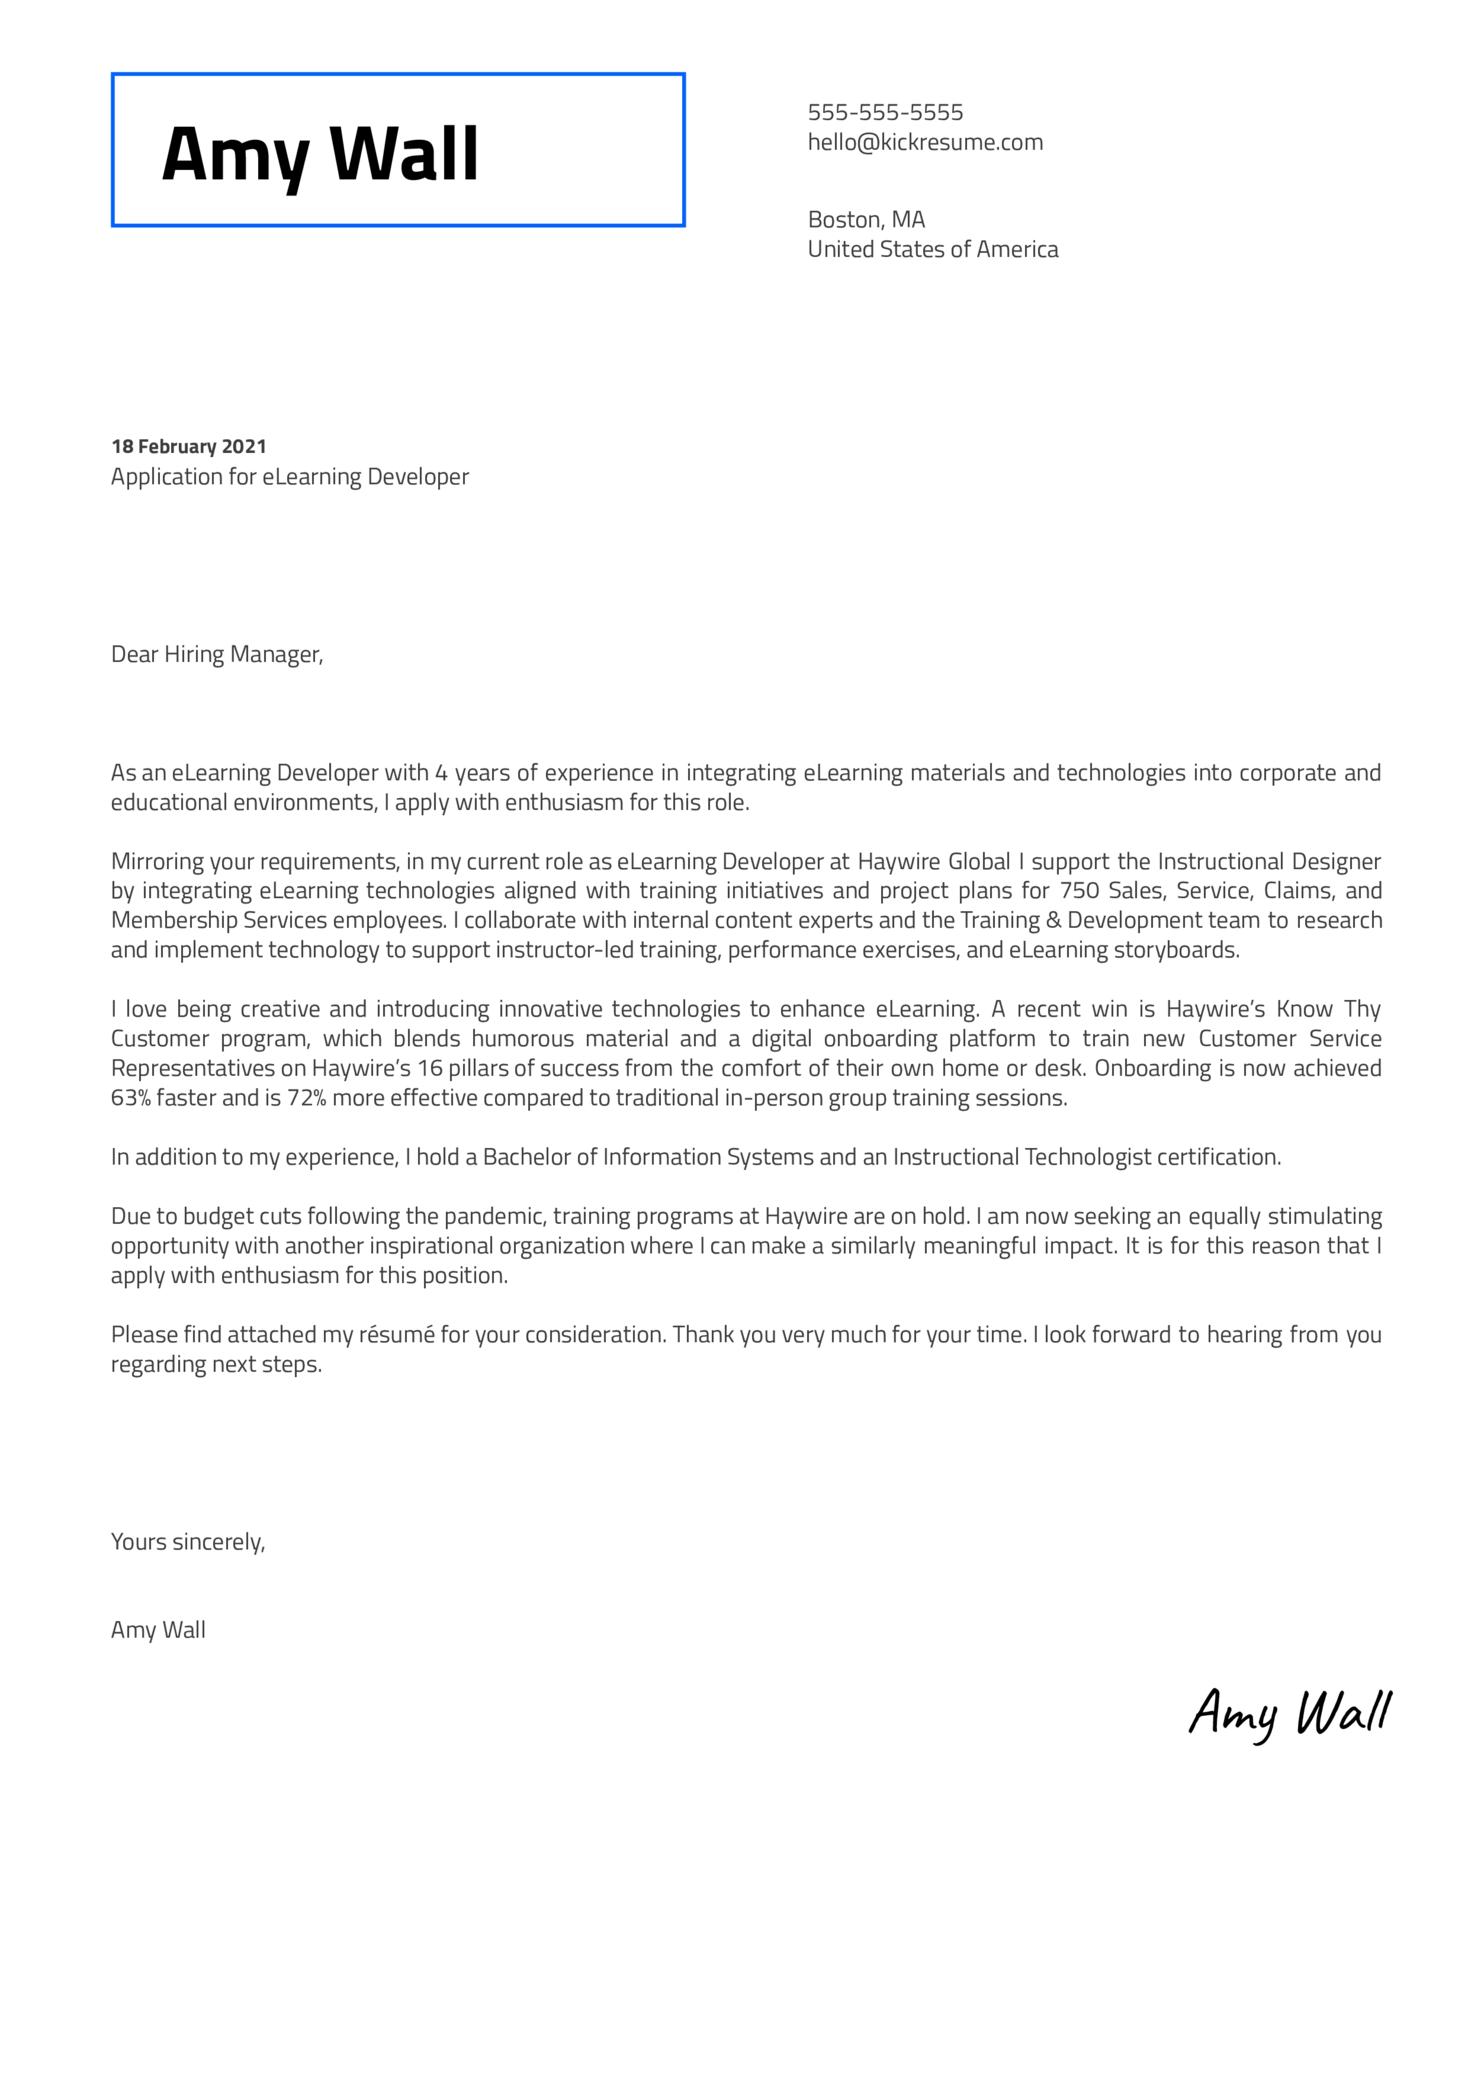 eLearning Developer Cover Letter Template